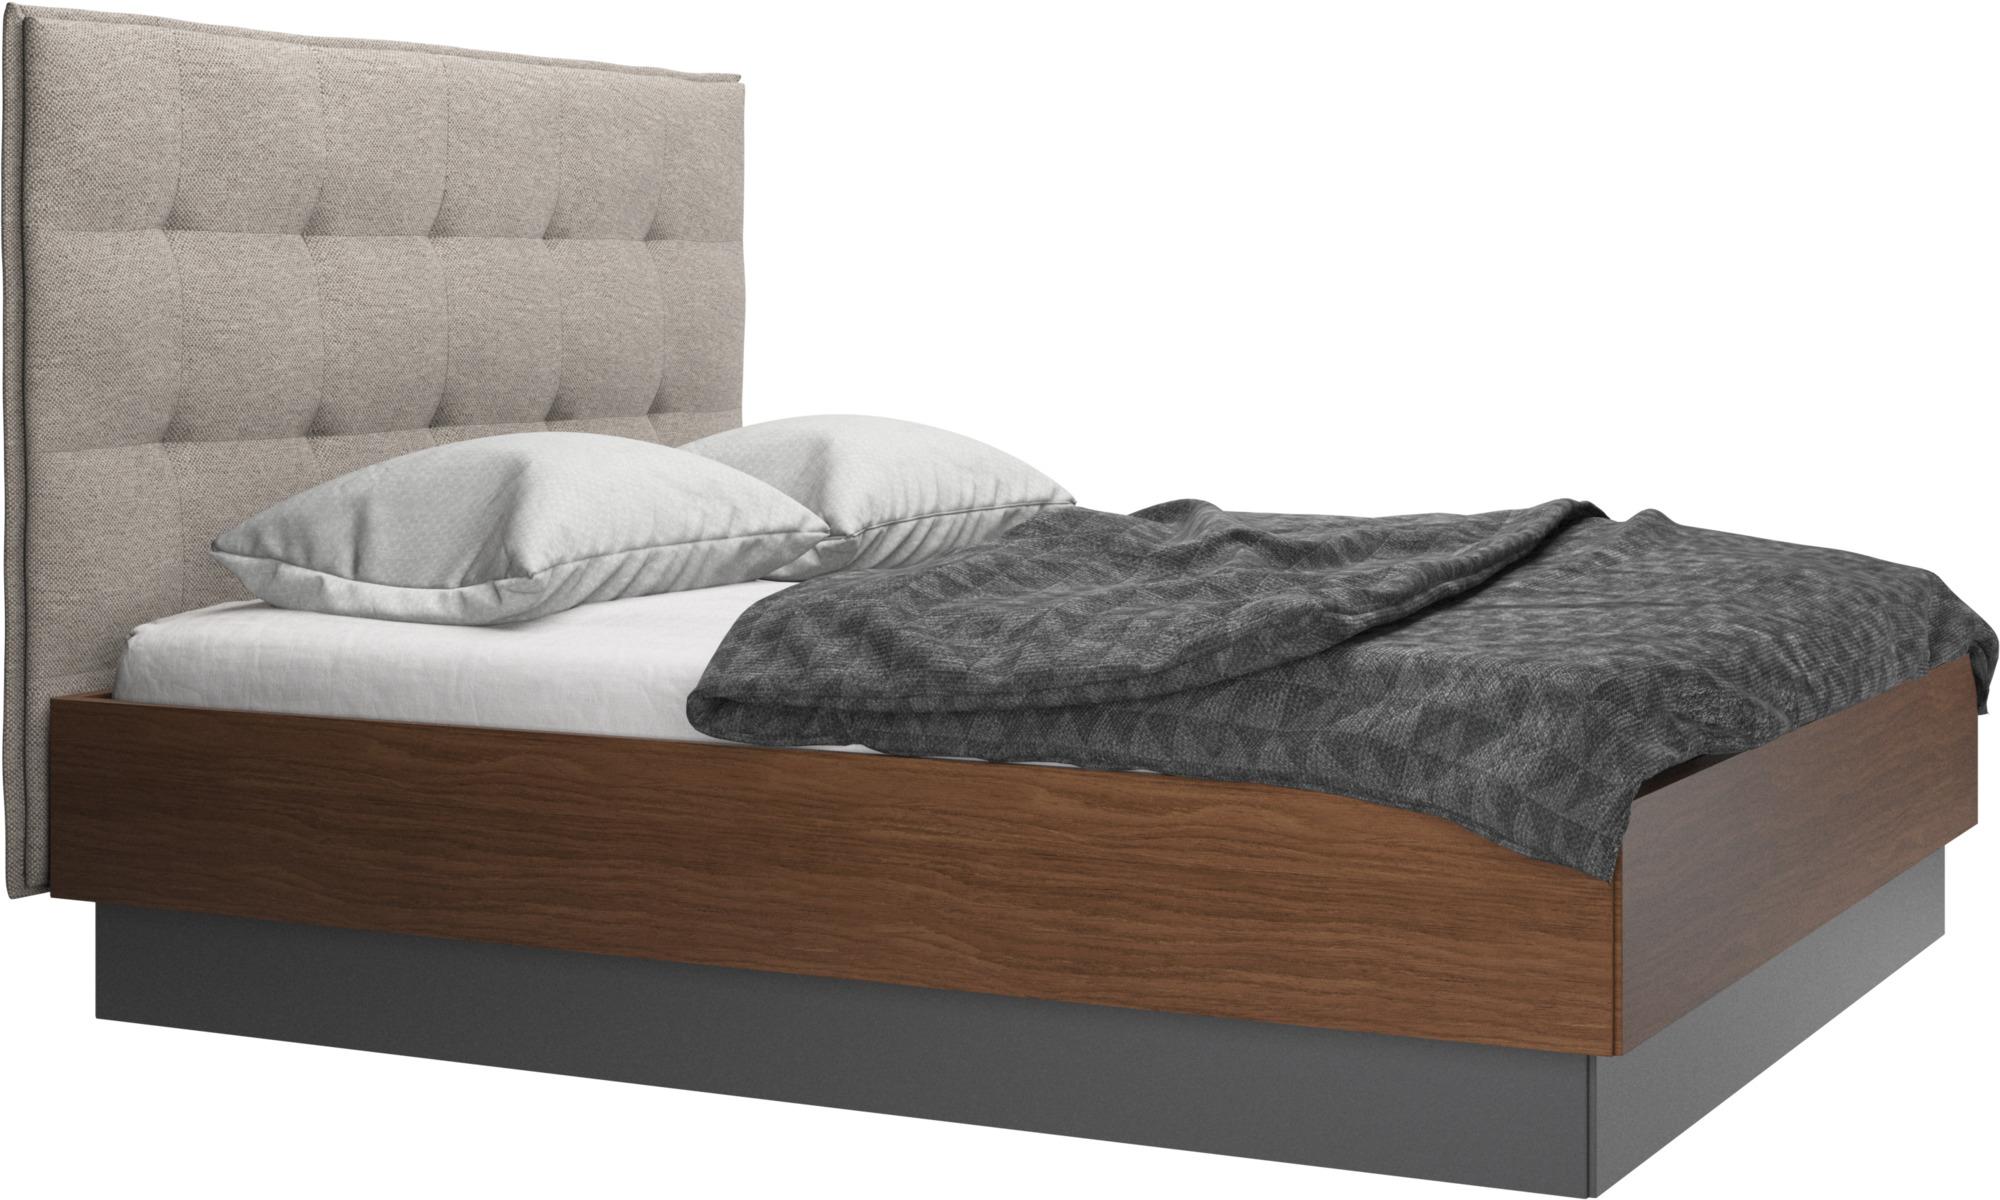 Betten - Lugano Bett mit Lattenrost und Staufach unter hochklappbarer Liegefläche, Matratze gegen Aufpreis - Beige - Stoff